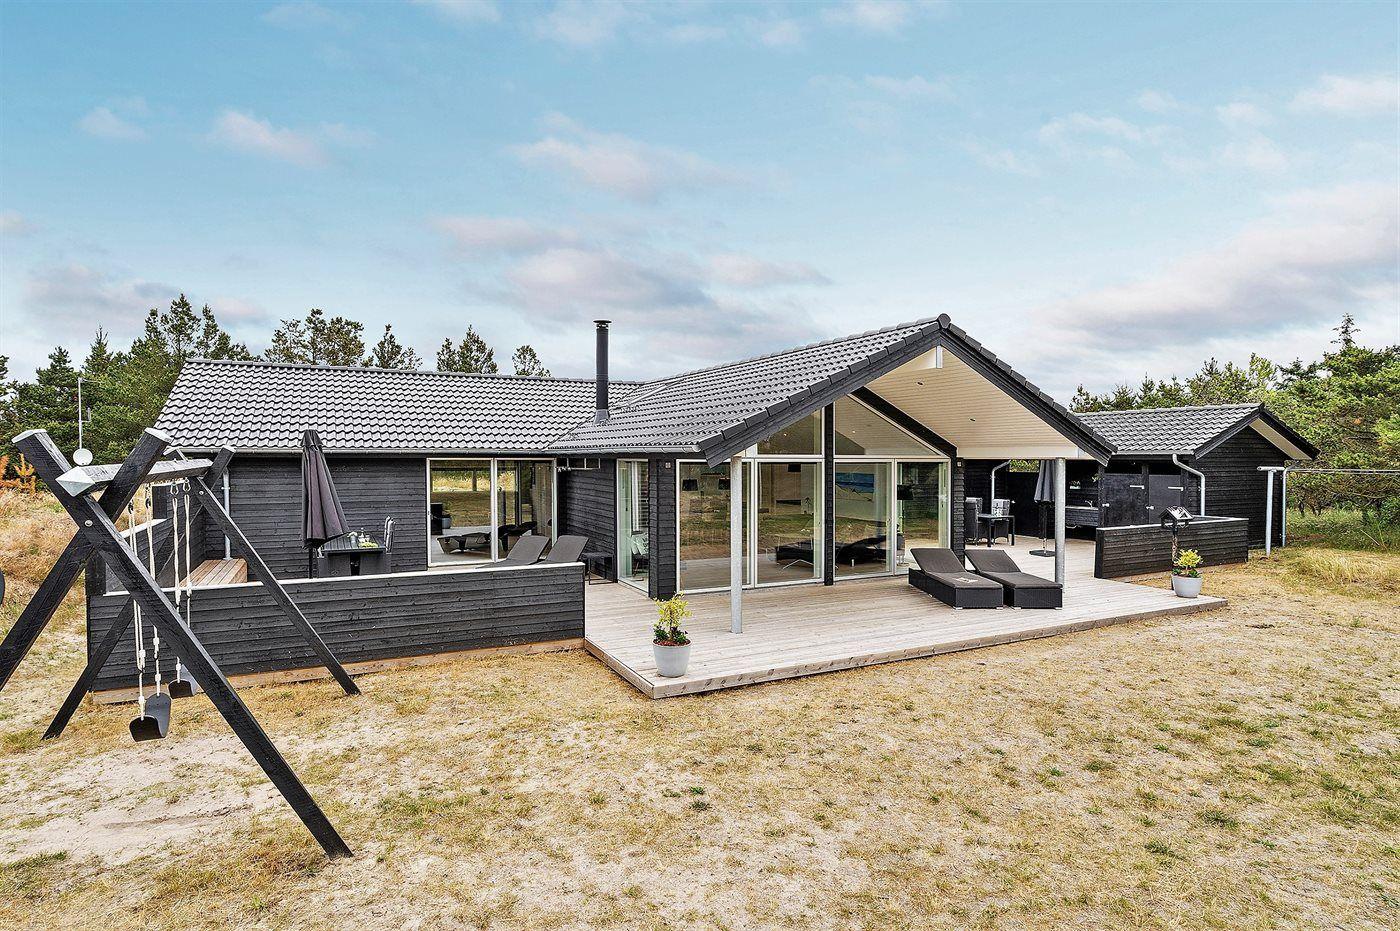 Dein Ferienhaus Dänemark.de in 2019 Haus, Ferienhaus